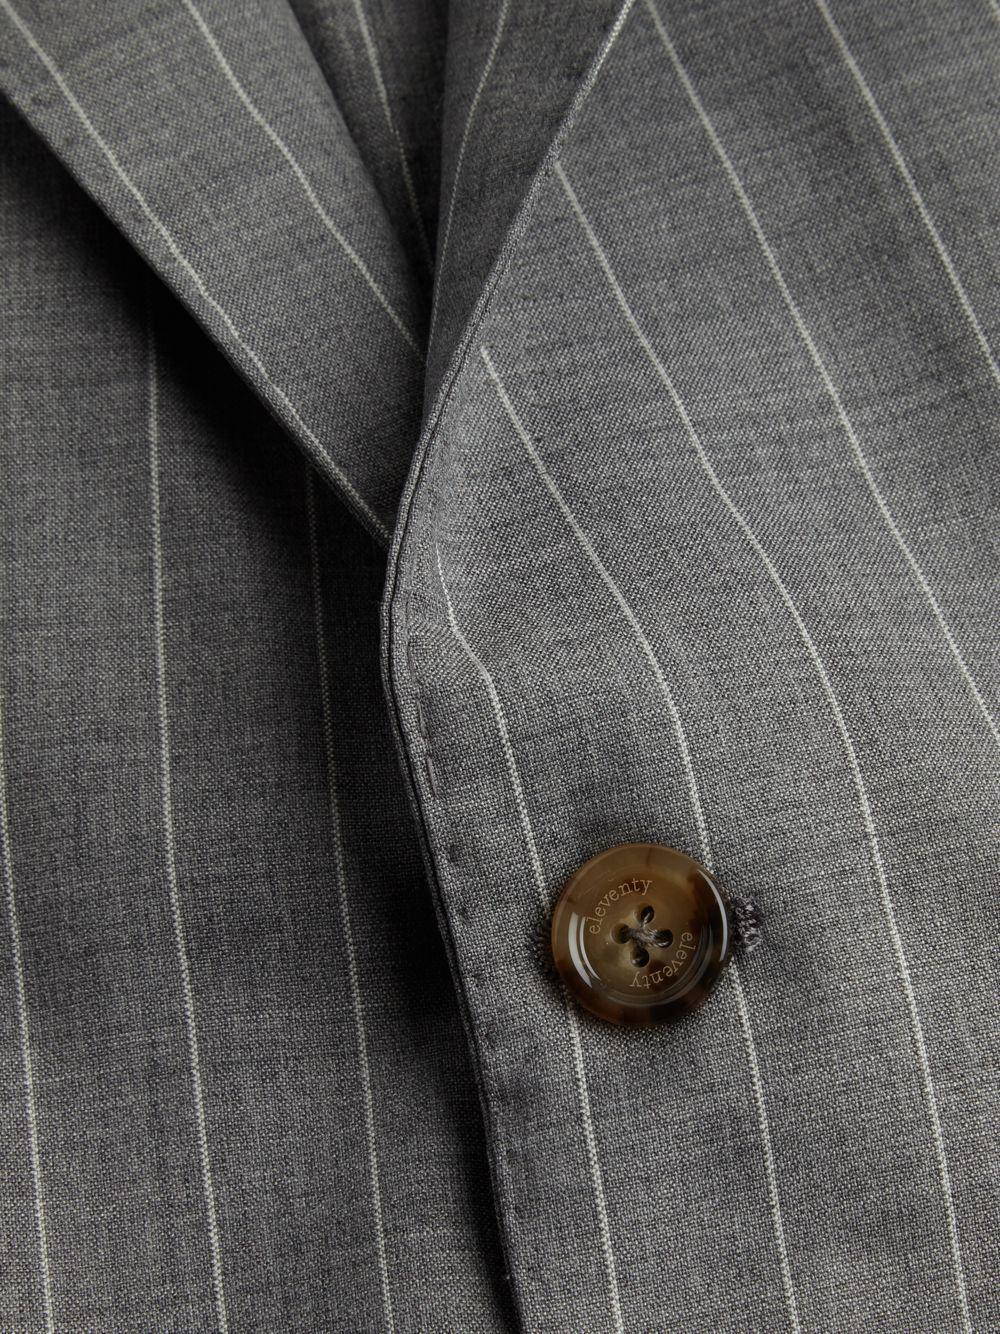 Eleventy Wool Pinstripe Suit Set in Light Grey (Grey) for Men